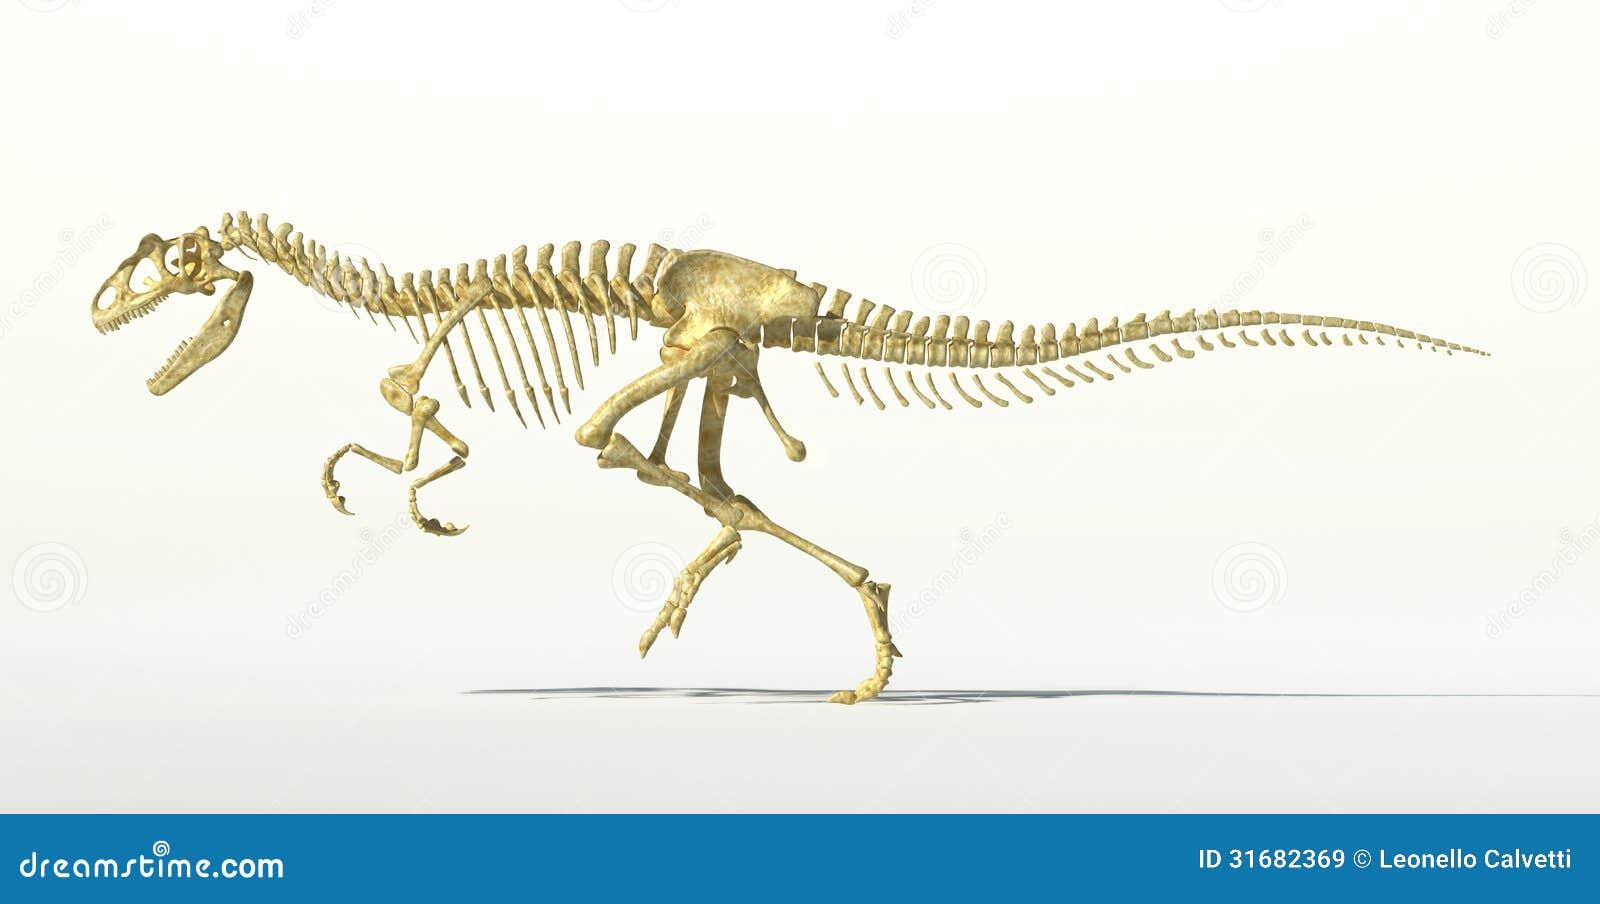 Esqueleto Fotorrealista Del Dinosaurio Del Allosaurus. Stock de ...